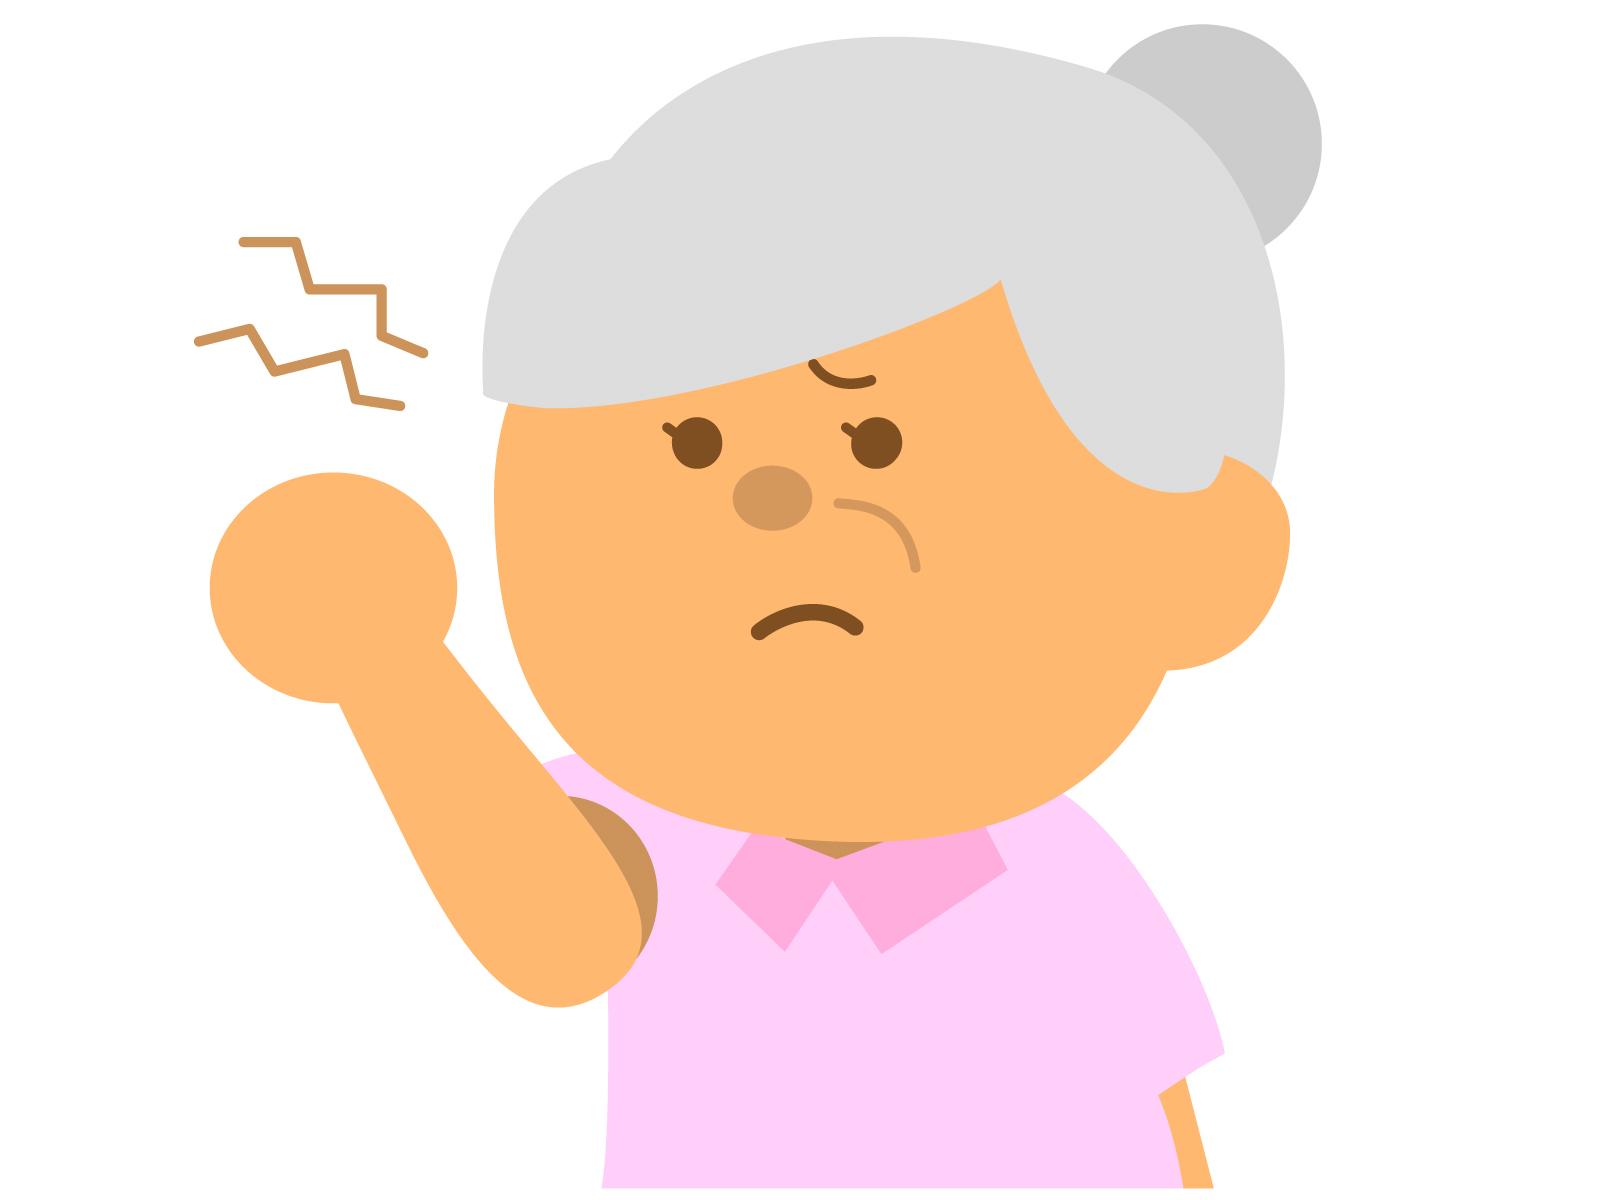 介護拒否と躁うつ病による危険行動がある認知症の人への対応